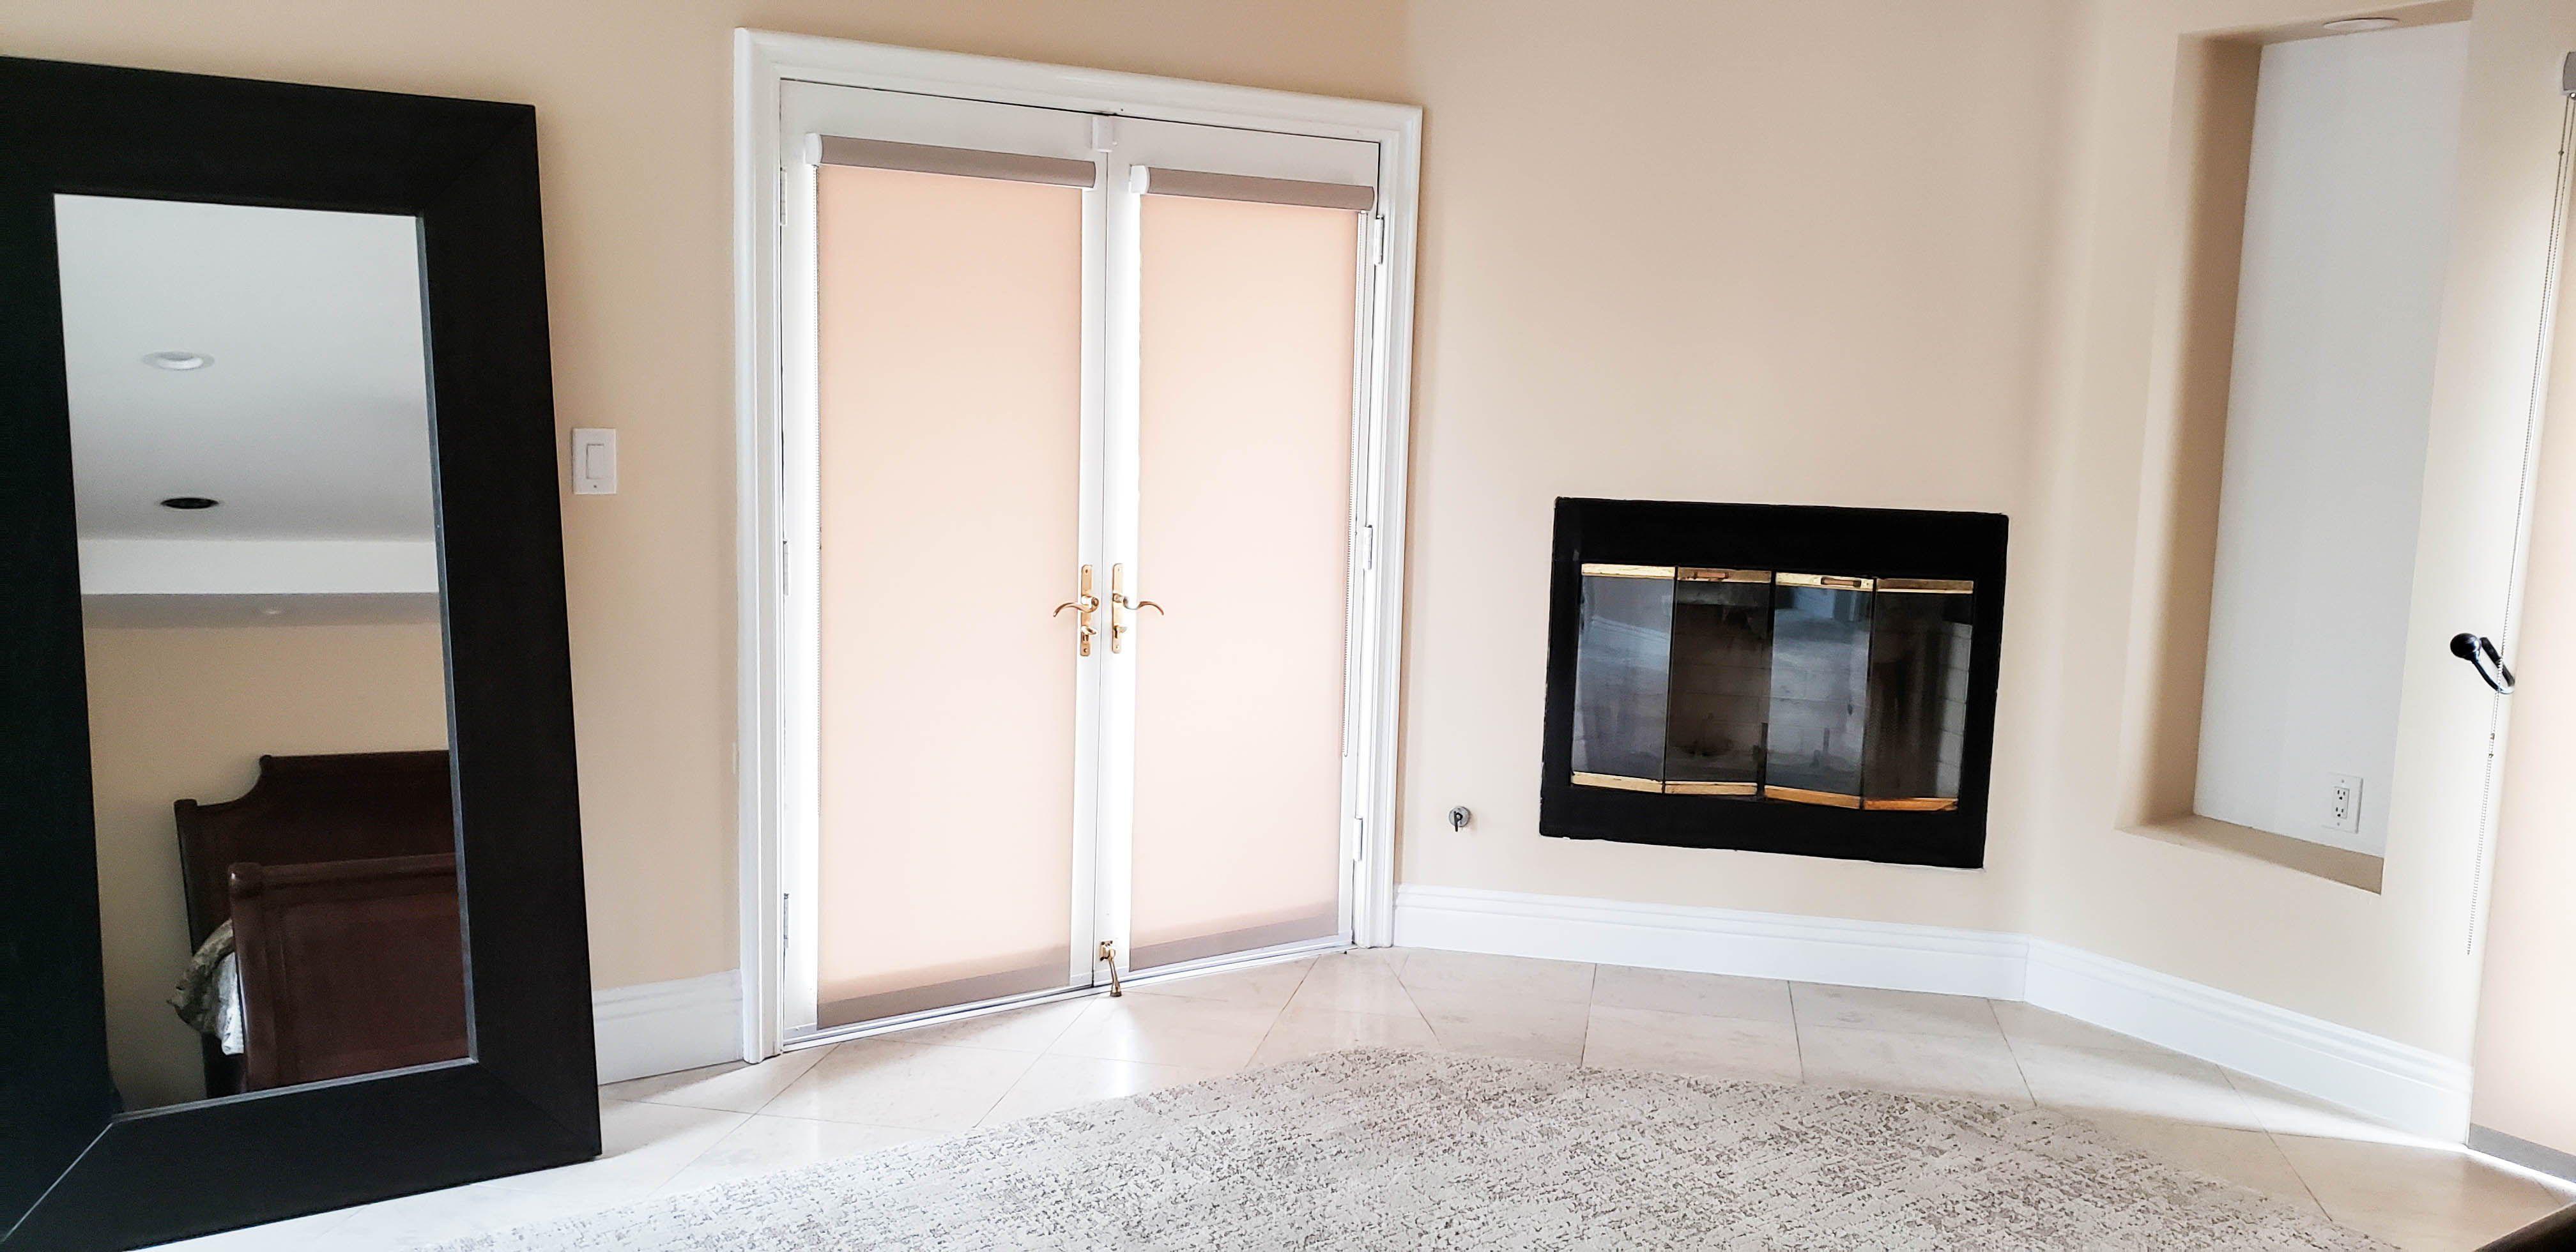 Closet Doors Retractable Screens Shades Shutters Classic